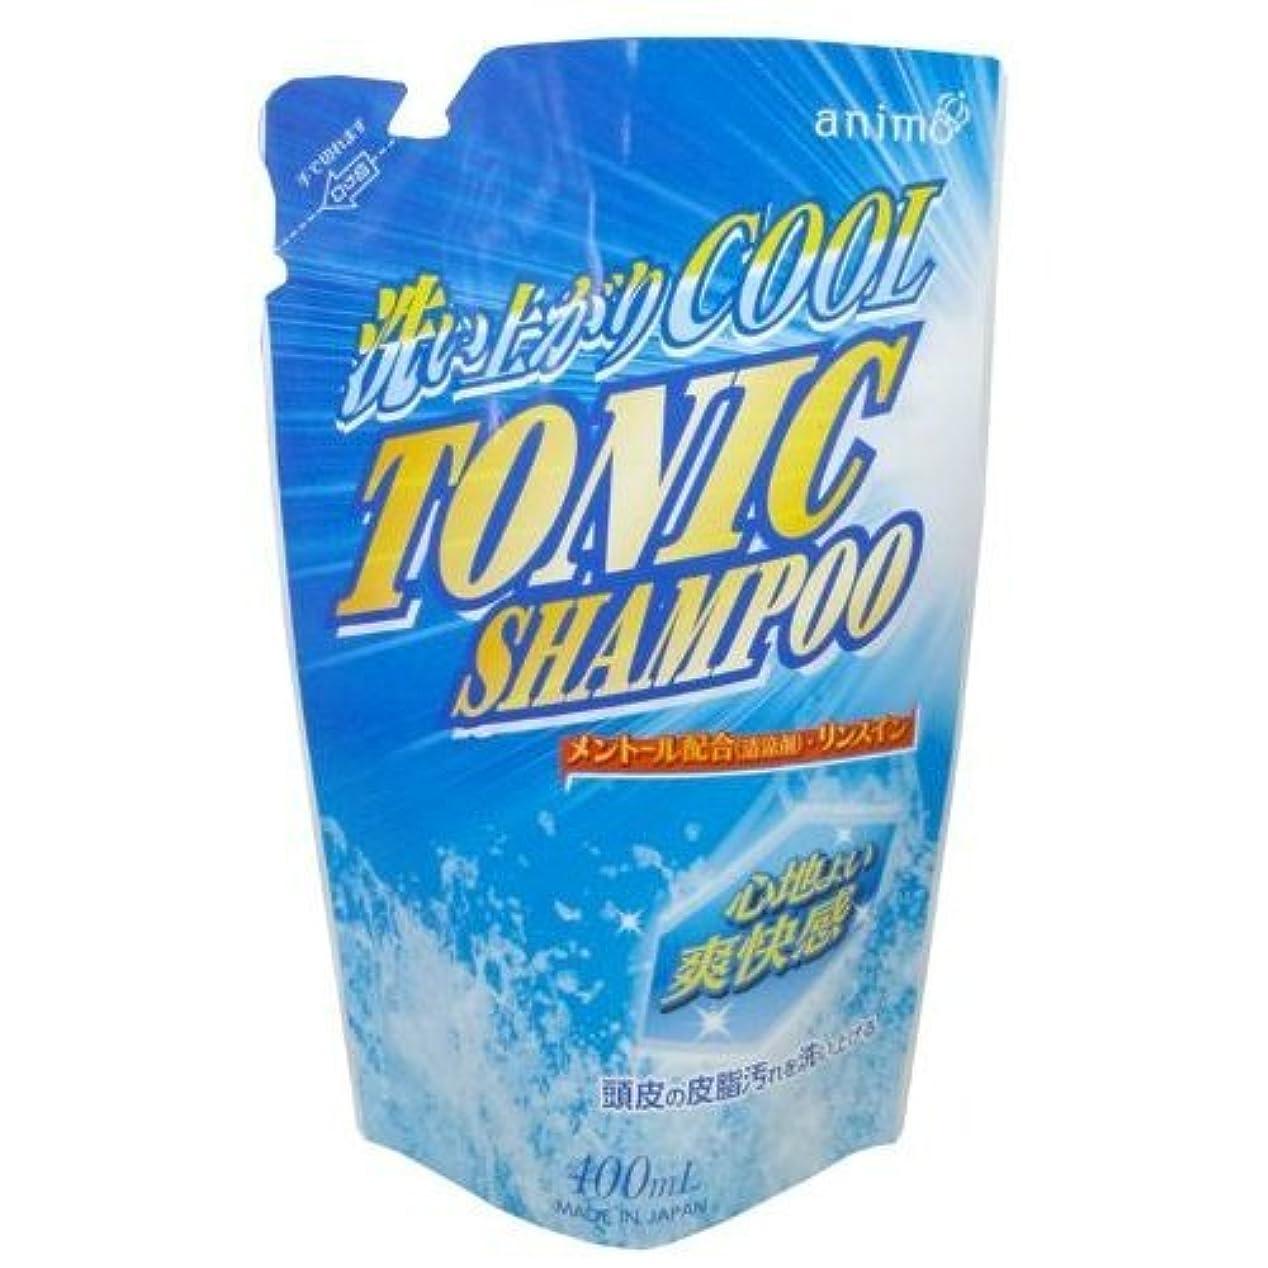 チチカカ湖来てトーナメントロケット石鹸 トニックシャンプー 詰替用 400ml (4571113801403)